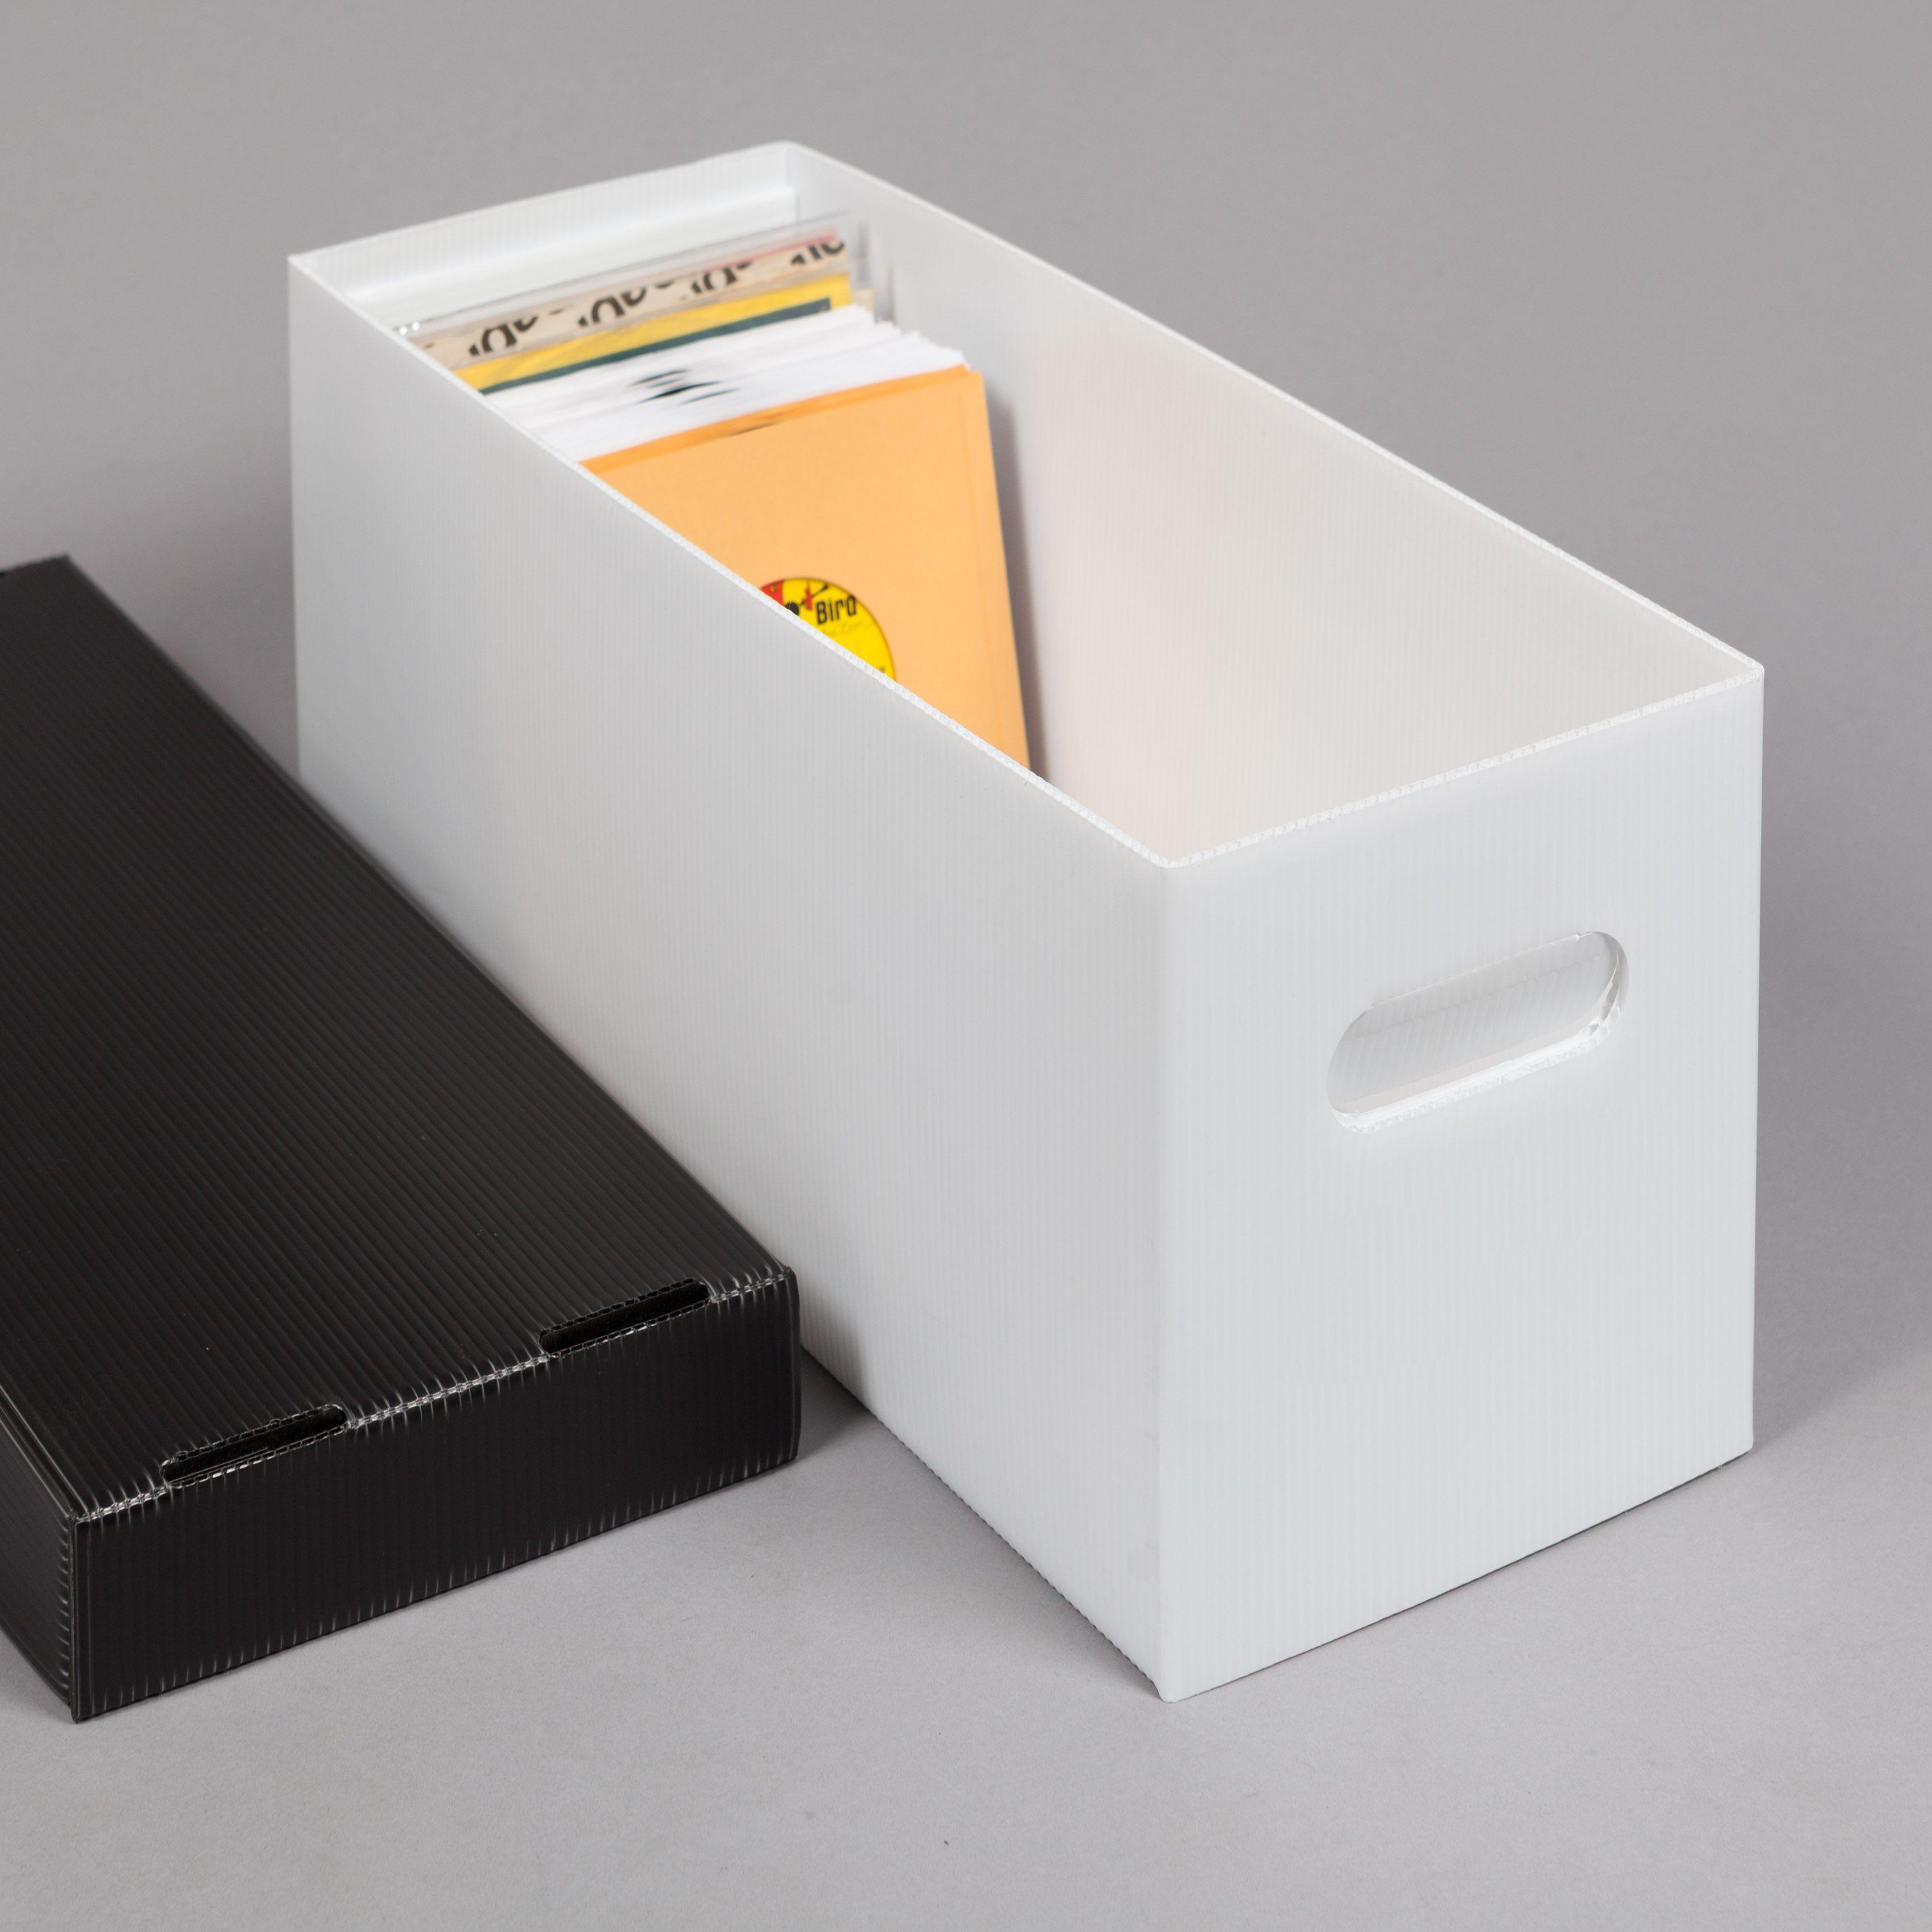 Ultra Boxx 174 Plastic Corrugated 45 Rpm Record Storage Box